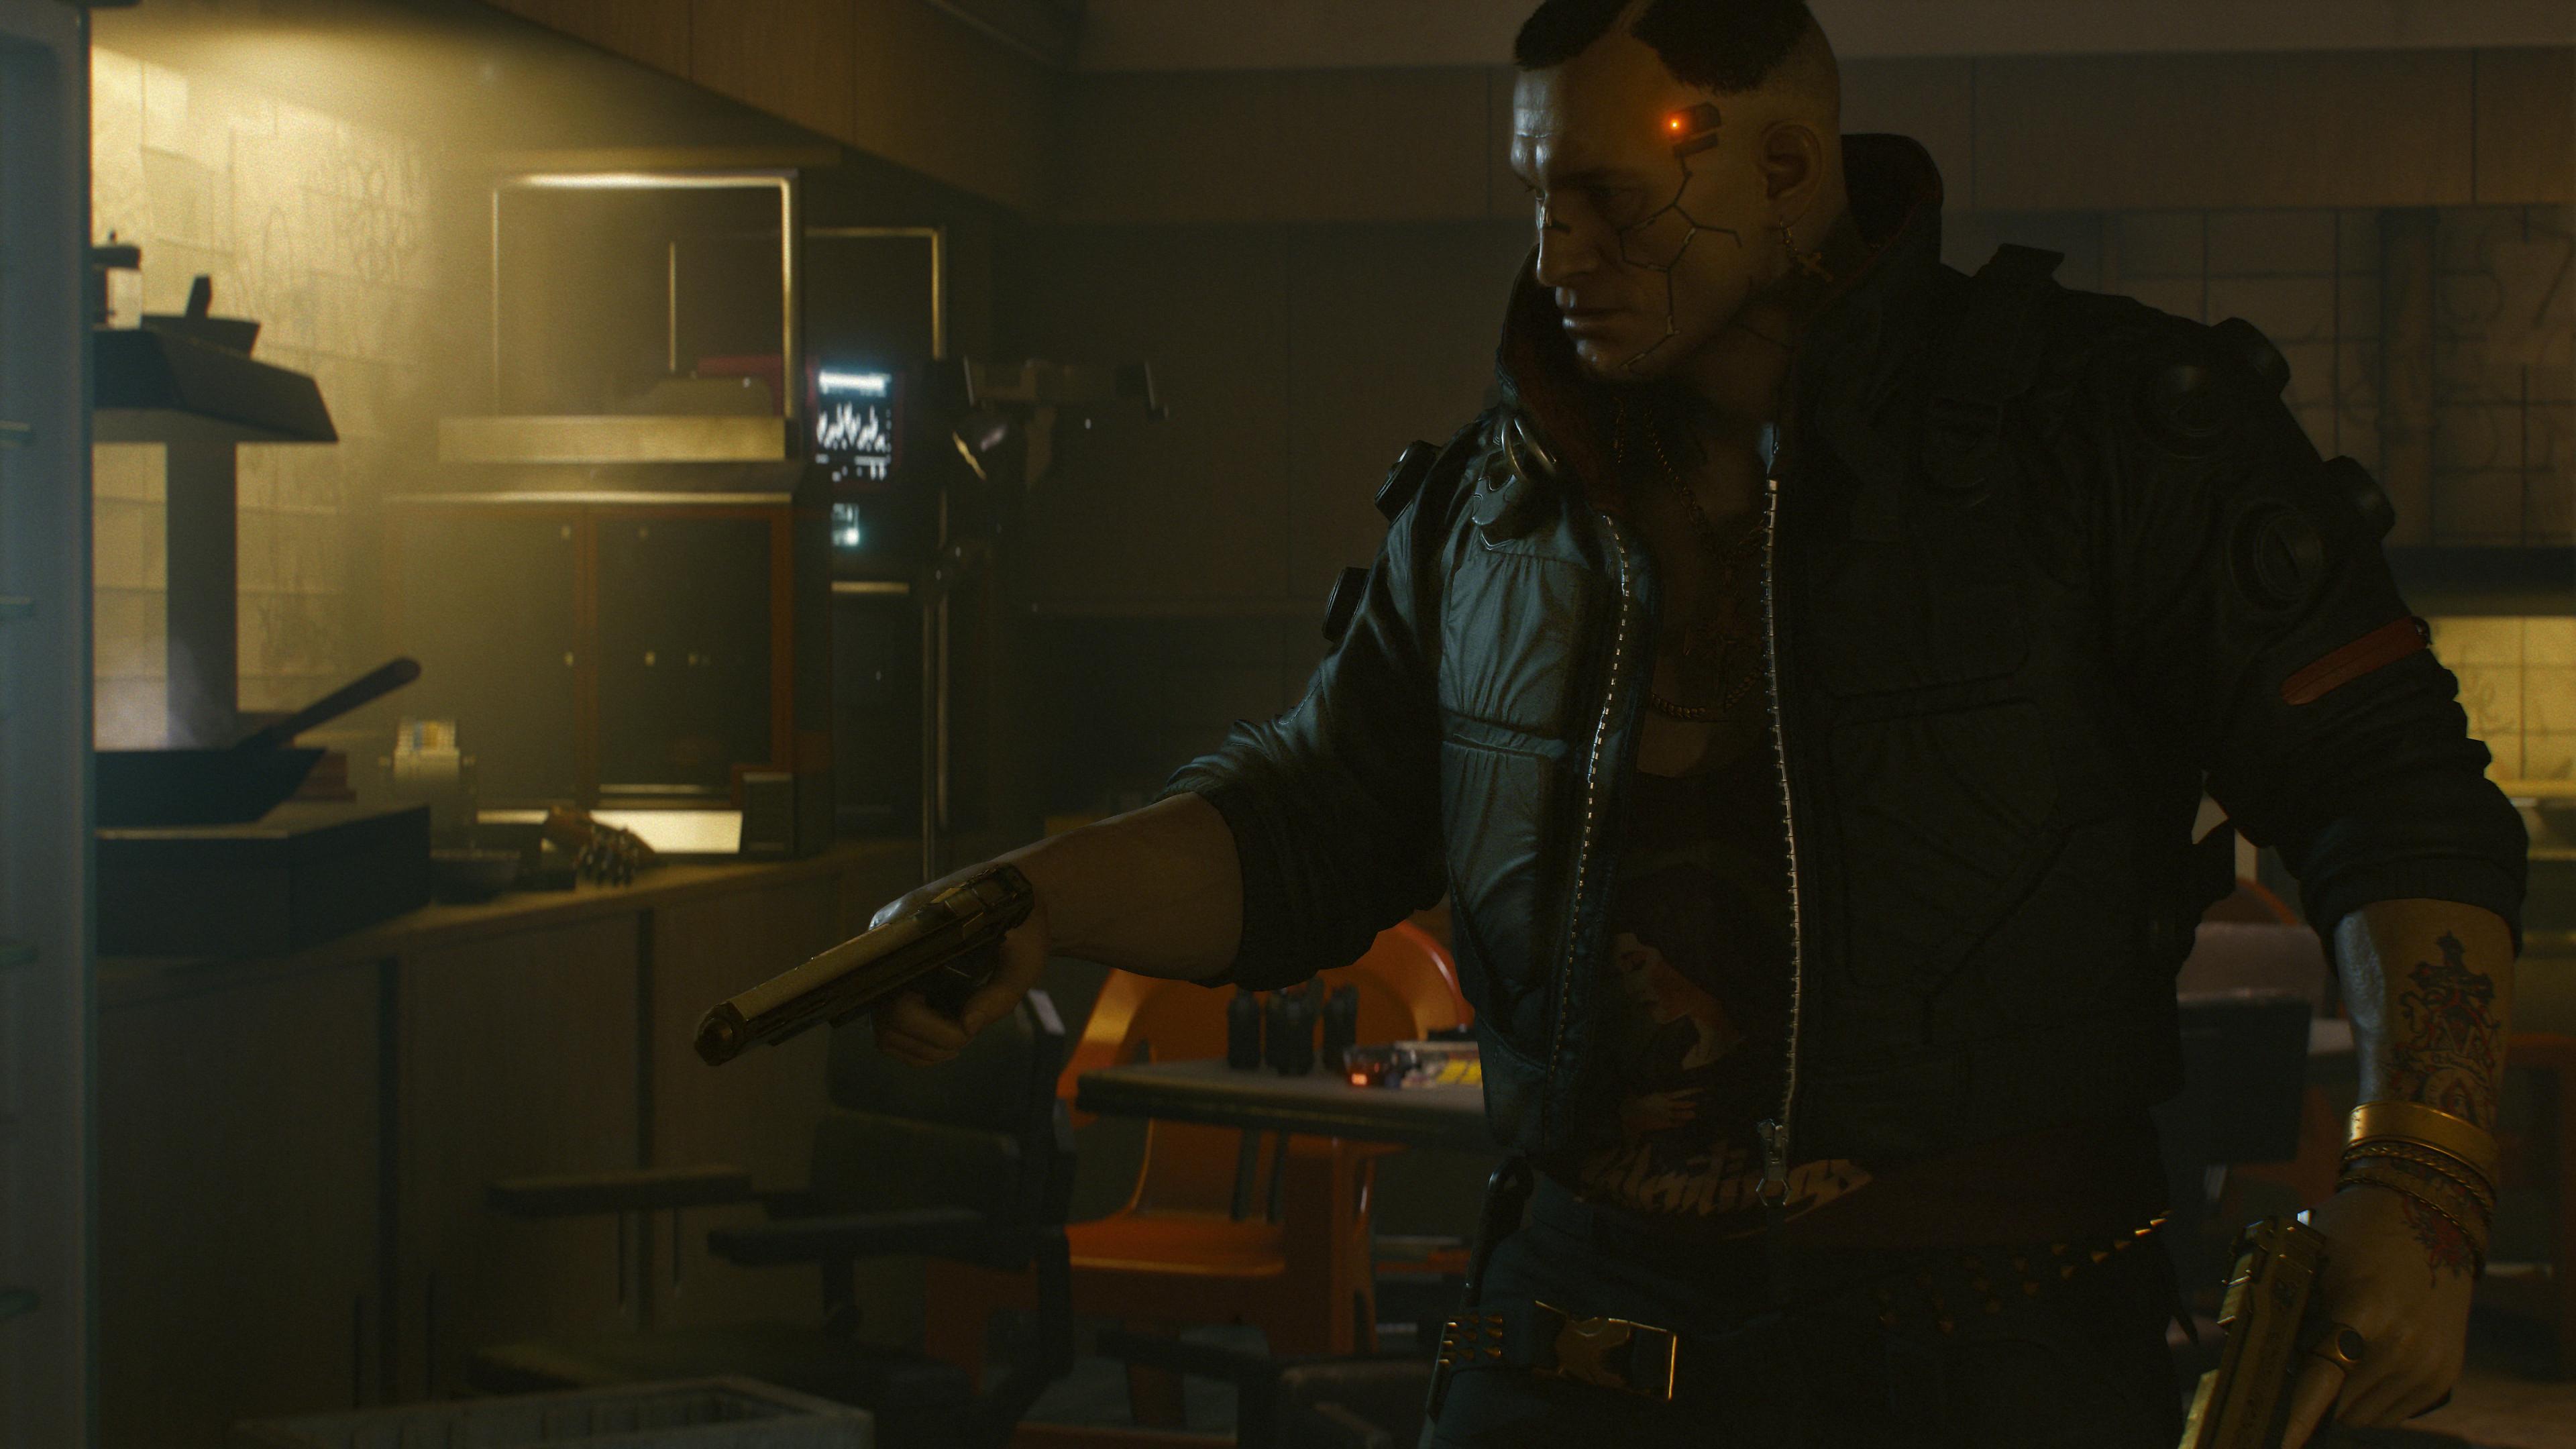 Больше ста часов не понадобится: журналисты подробно рассказали, сколько времени можно потратить на Cyberpunk 2077